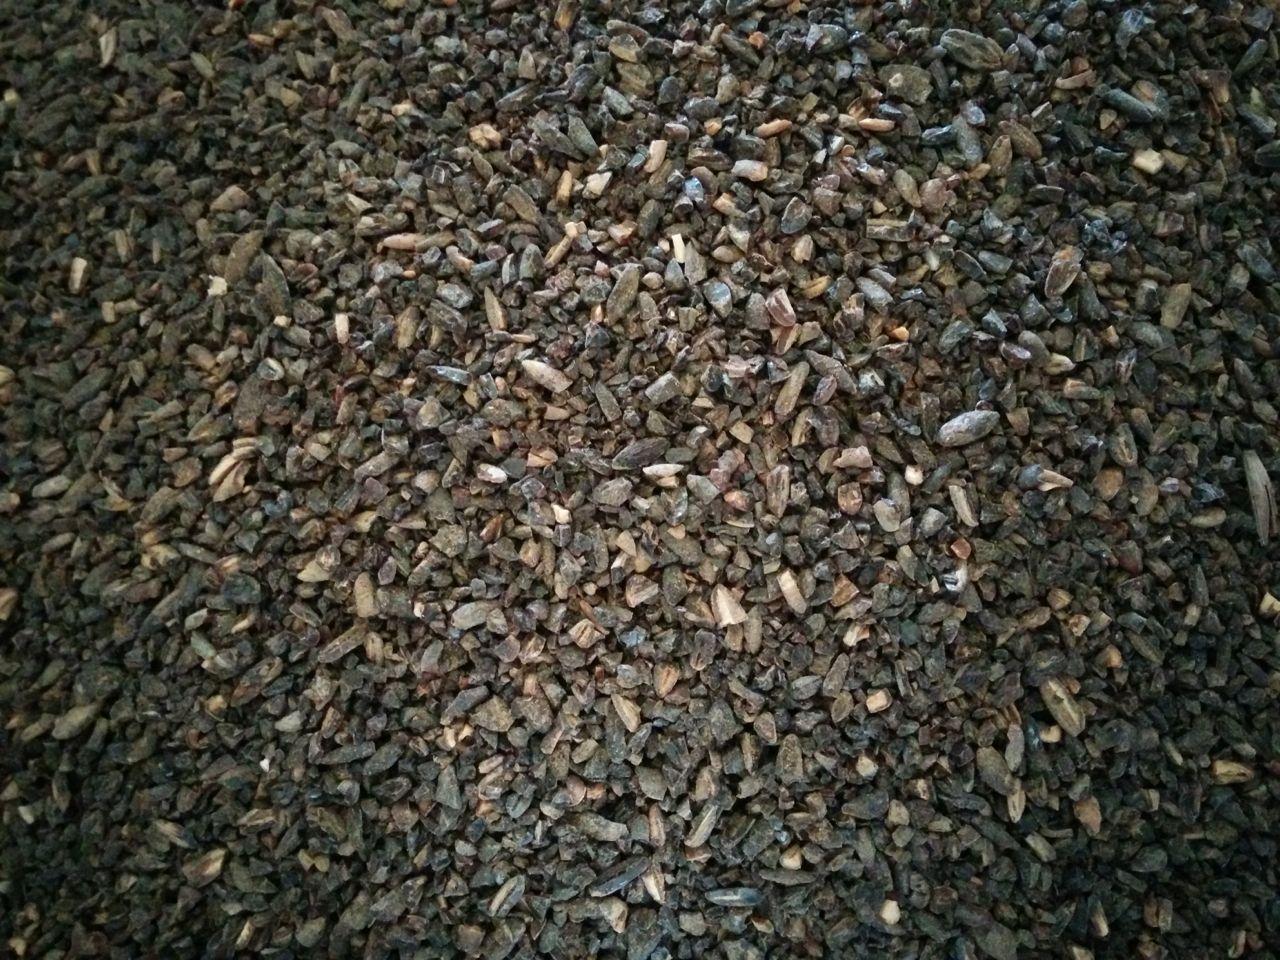 Kaljamallas (тёмный ржаной солод), производимый Laihian Mallas для изготовления традиционного финского столового пива kalja. Многие производители сахти добавляют 5-10 % этого солода для придания напитку цвета и привкуса ржаного хлеба. Он напоминает бледный шоколадный солод, но по шкале цвета насчитывает только 180 EBC. Его также можно добавлять к современным сортам пива, и я использую его, например, в своём домашнем ржаном вине. Фото: Mika Laitinen